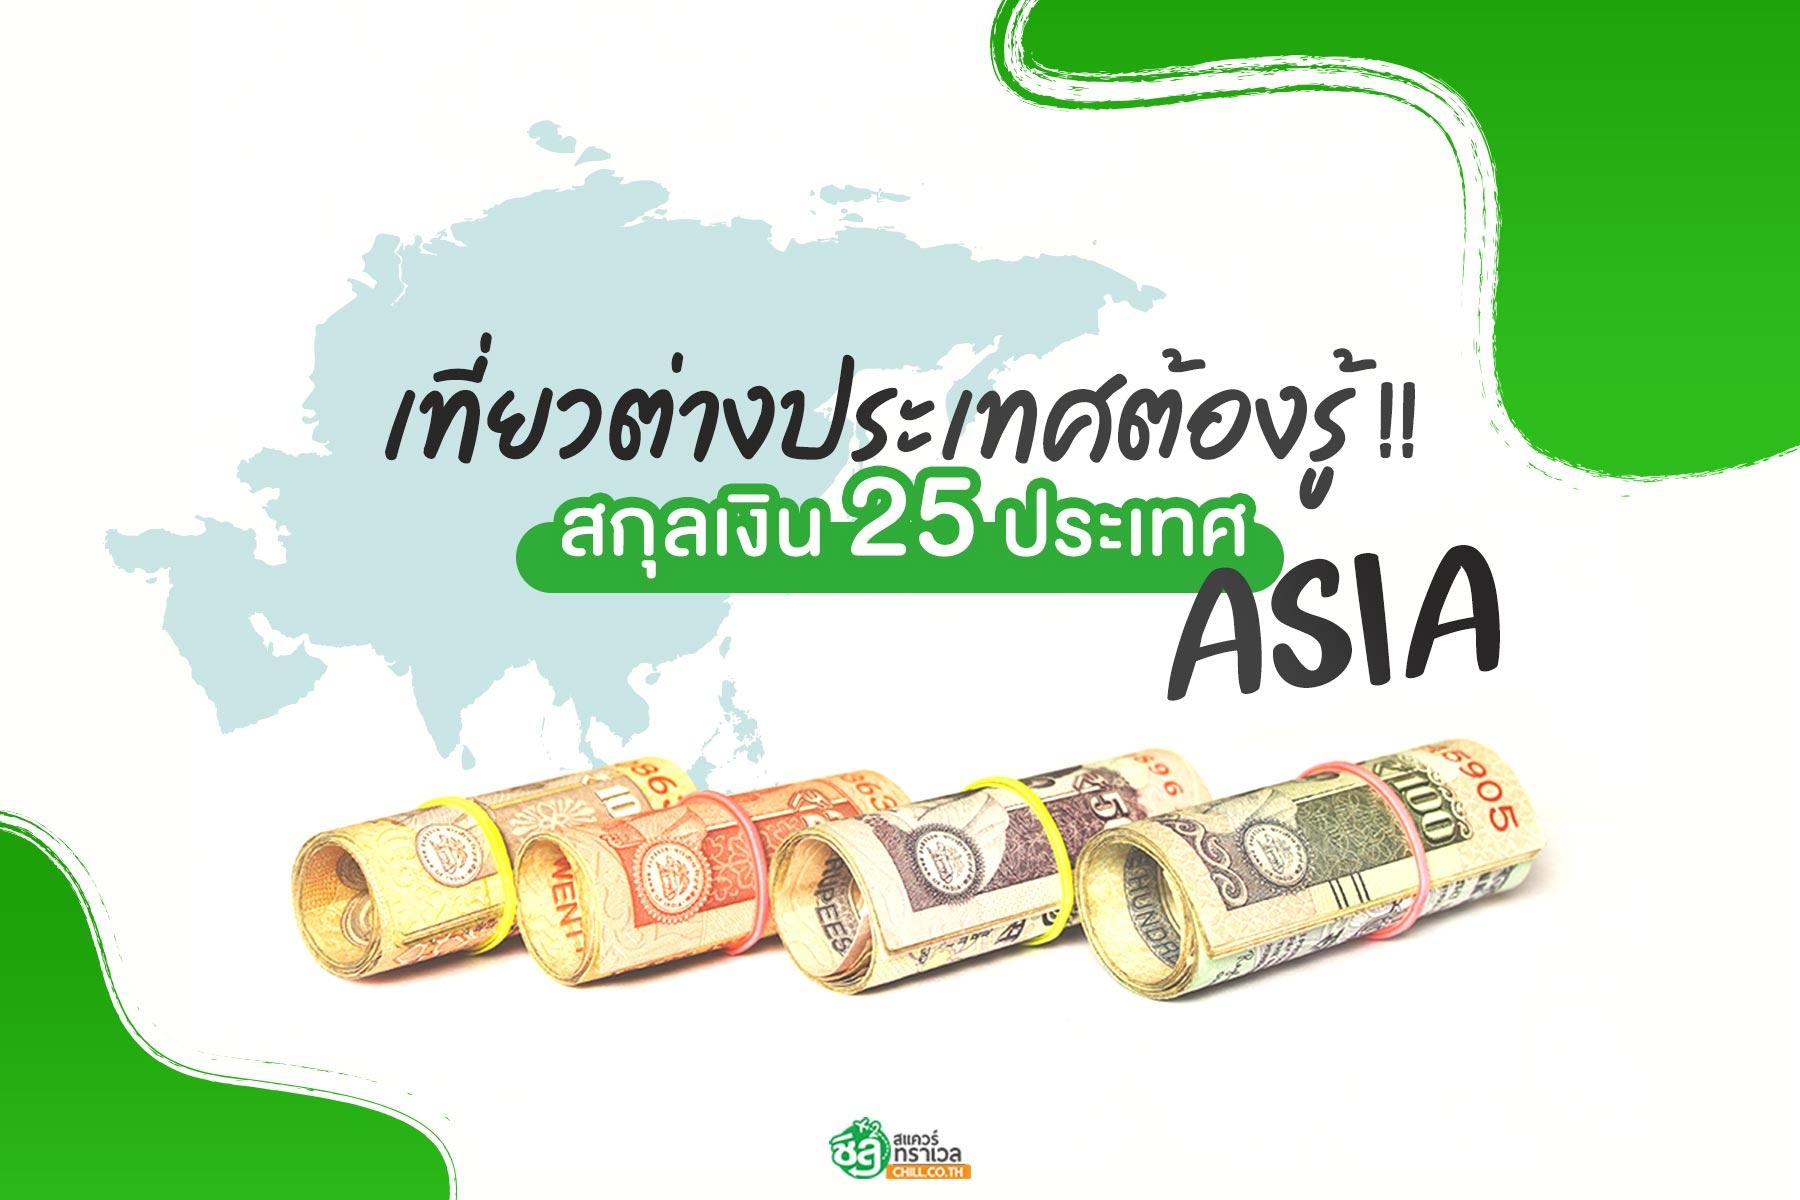 เที่ยวต่างประเทศต้องรู้ !! แลกเปลี่ยนเงินตรา สกุลเงิน 25 ประเทศ ภูมิภาคเอเชีย